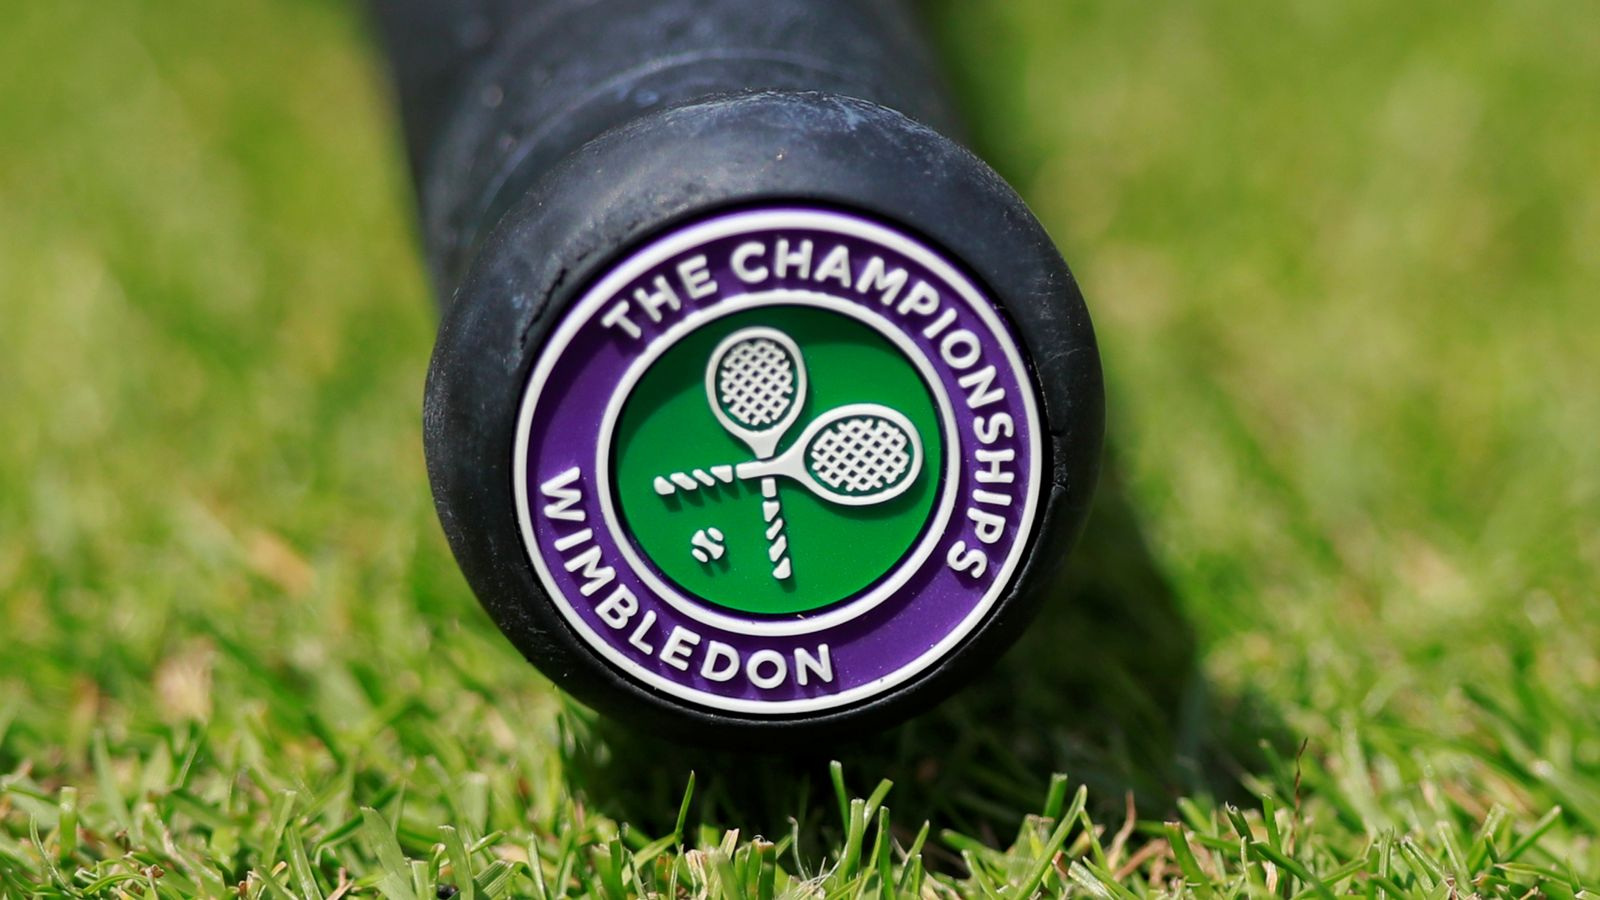 Wimbledon Sky 2021